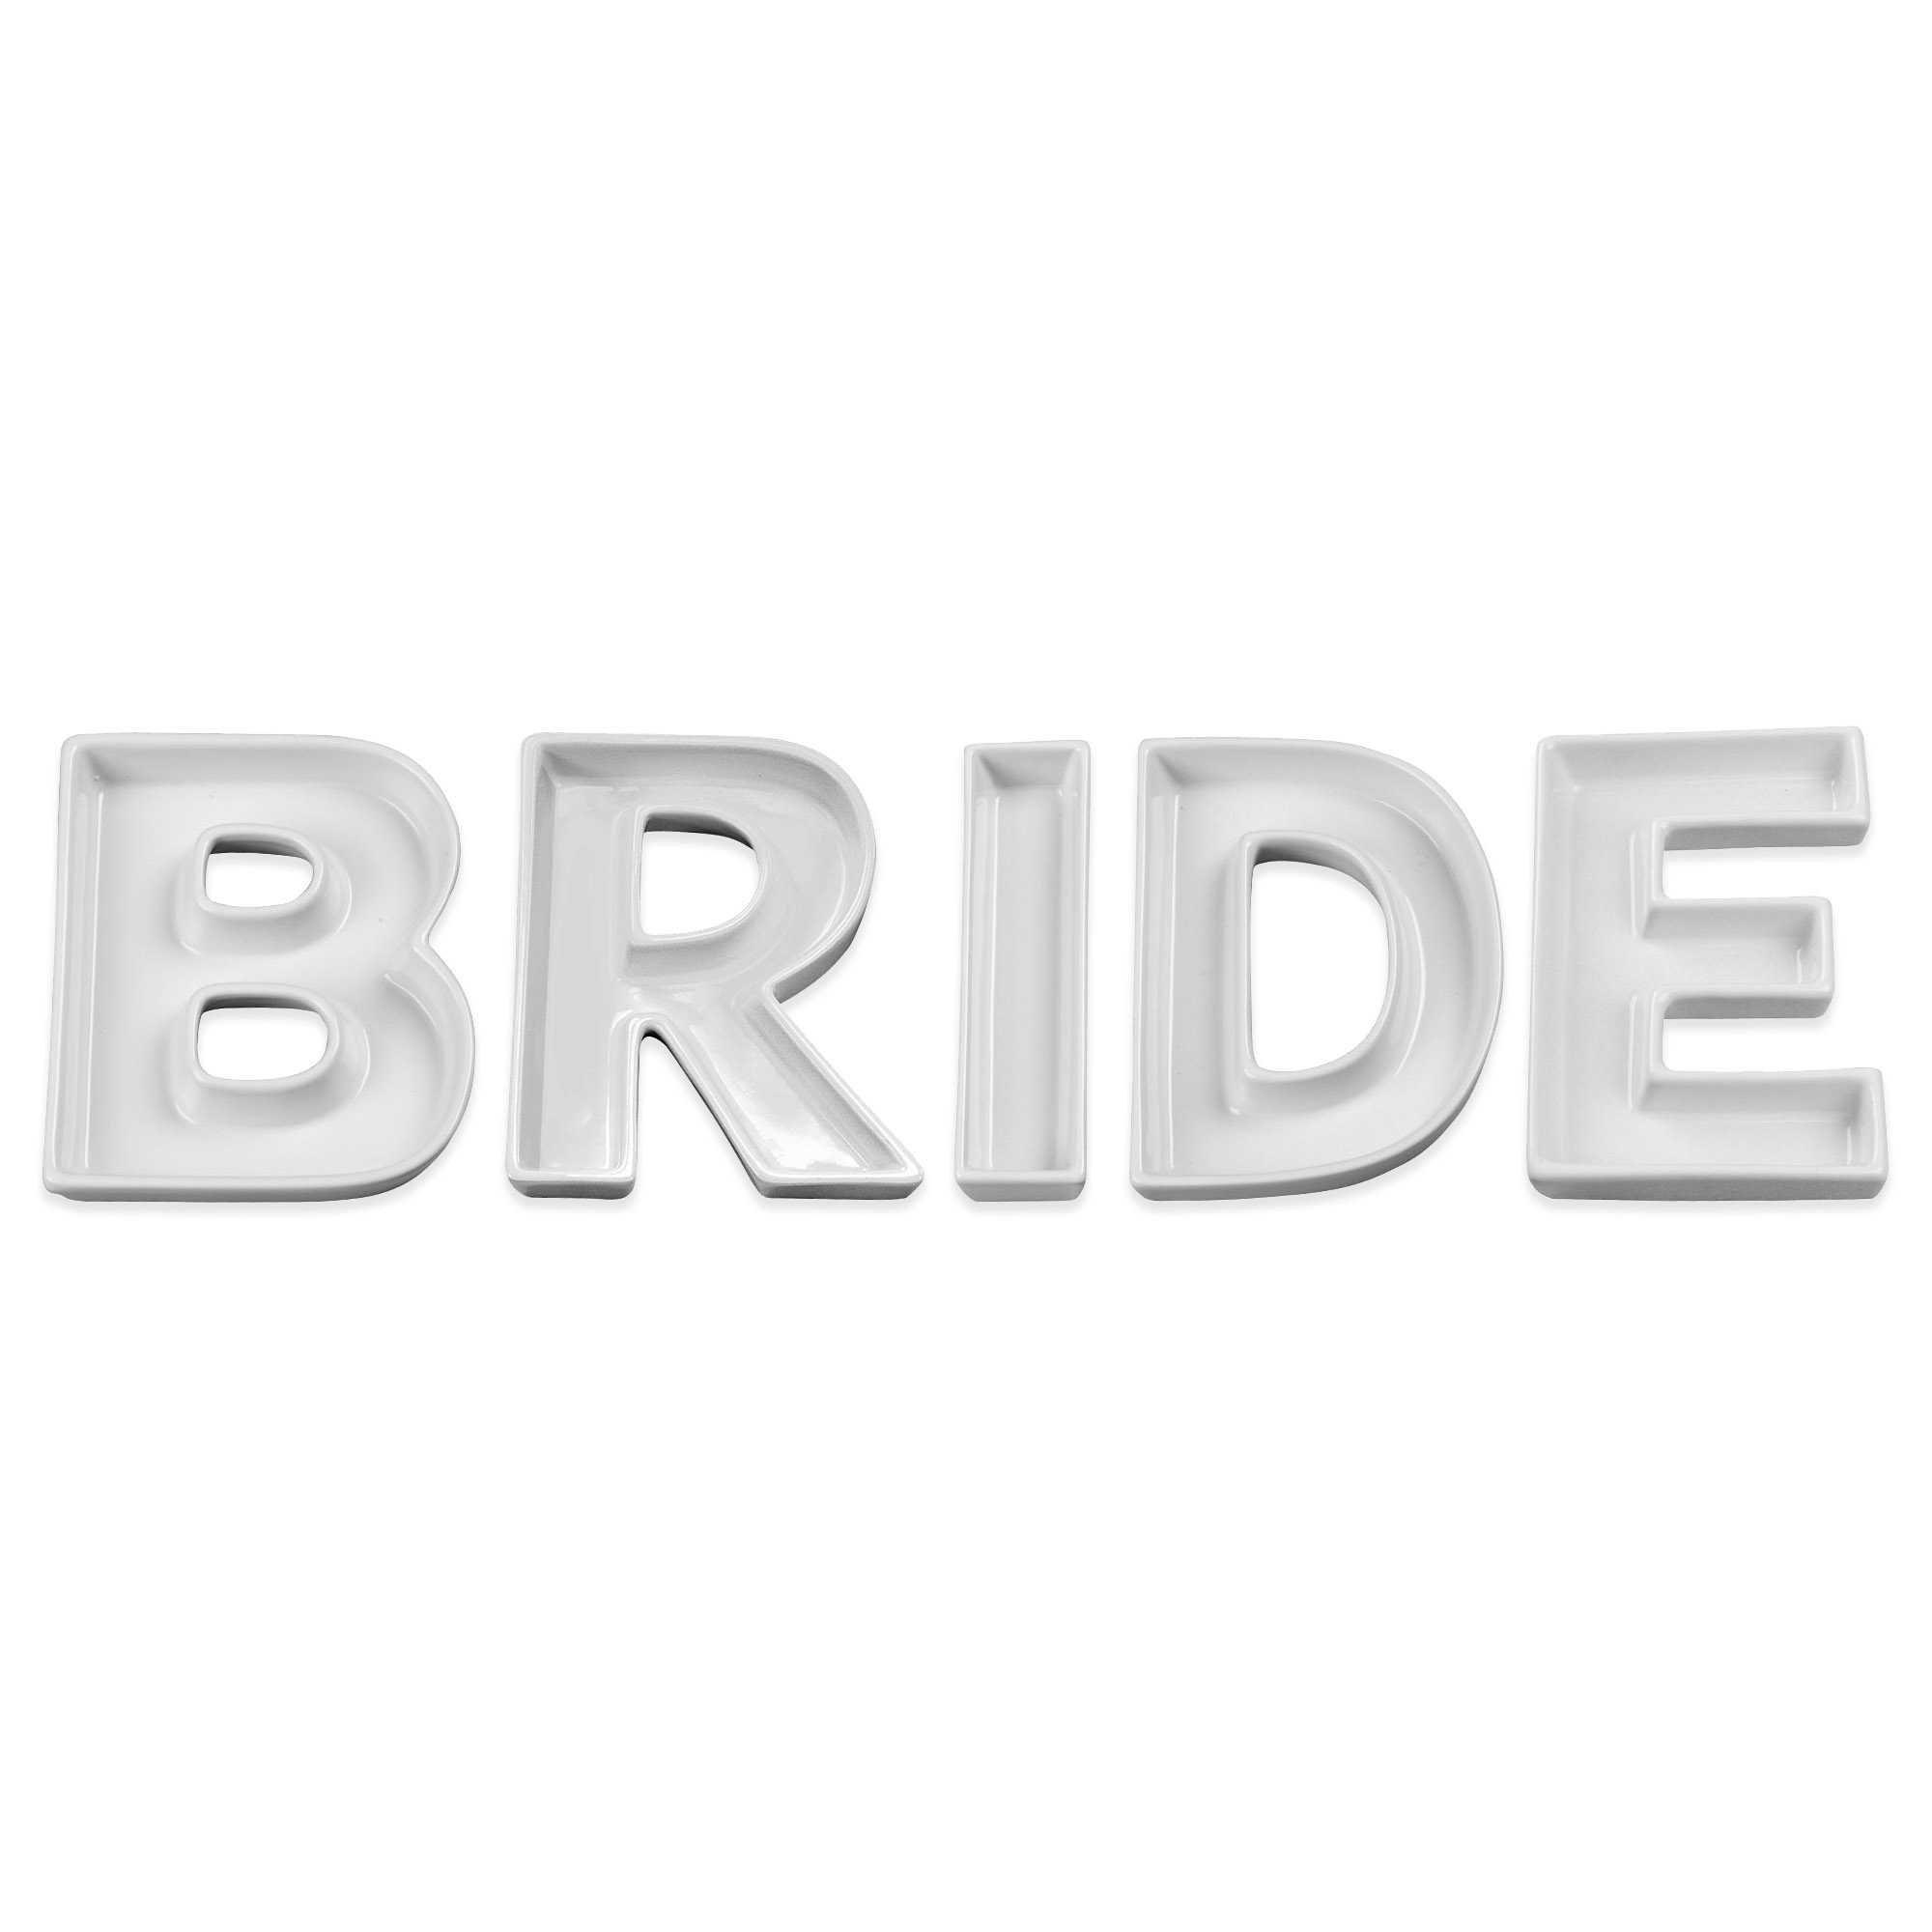 Ivy Lane Design BRIDE Ceramic Candy Dish Set